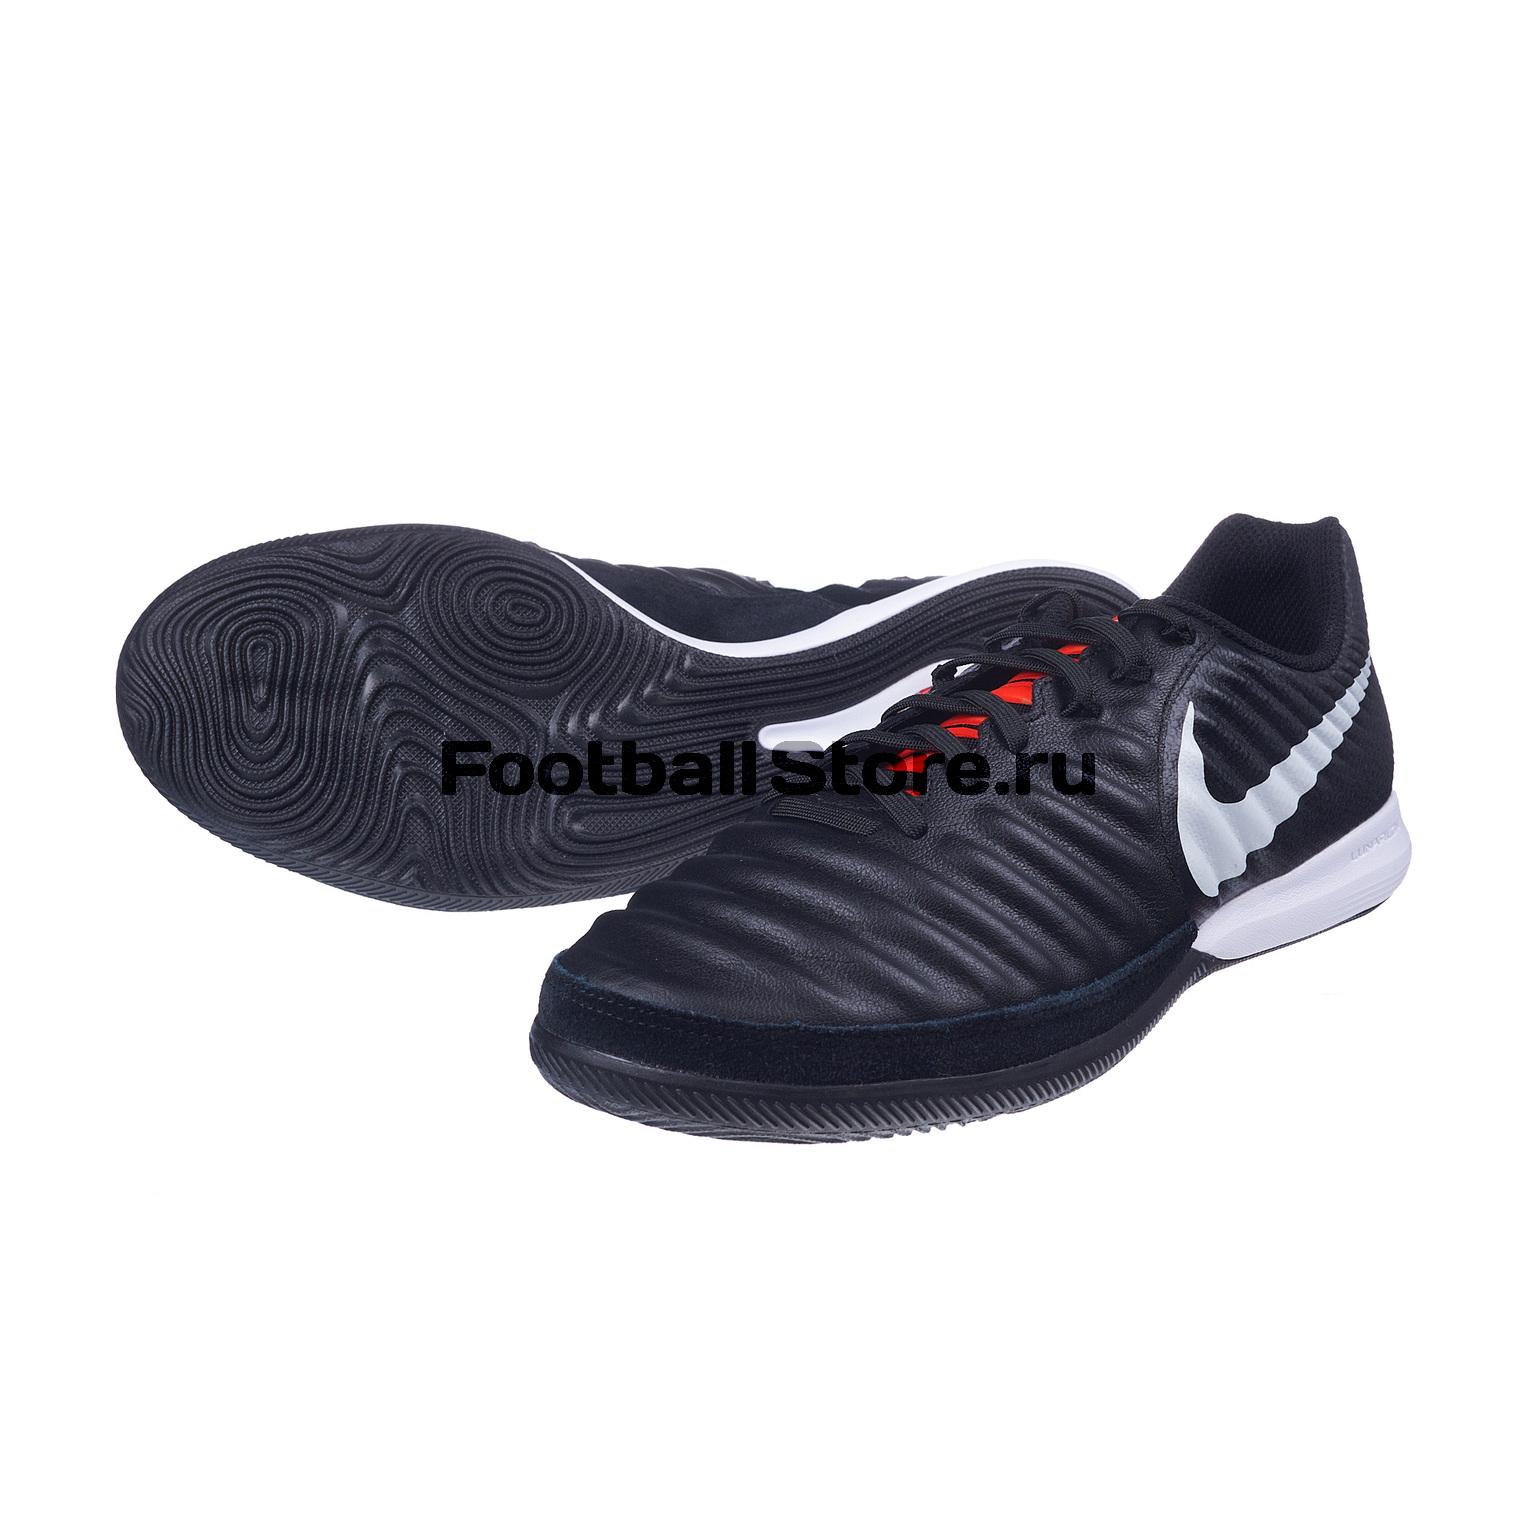 Обувь для зала Nike Legend Lunar 7 Pro IC AH7246-006 шиповки nike lunar legendx 7 pro tf ah7249 080